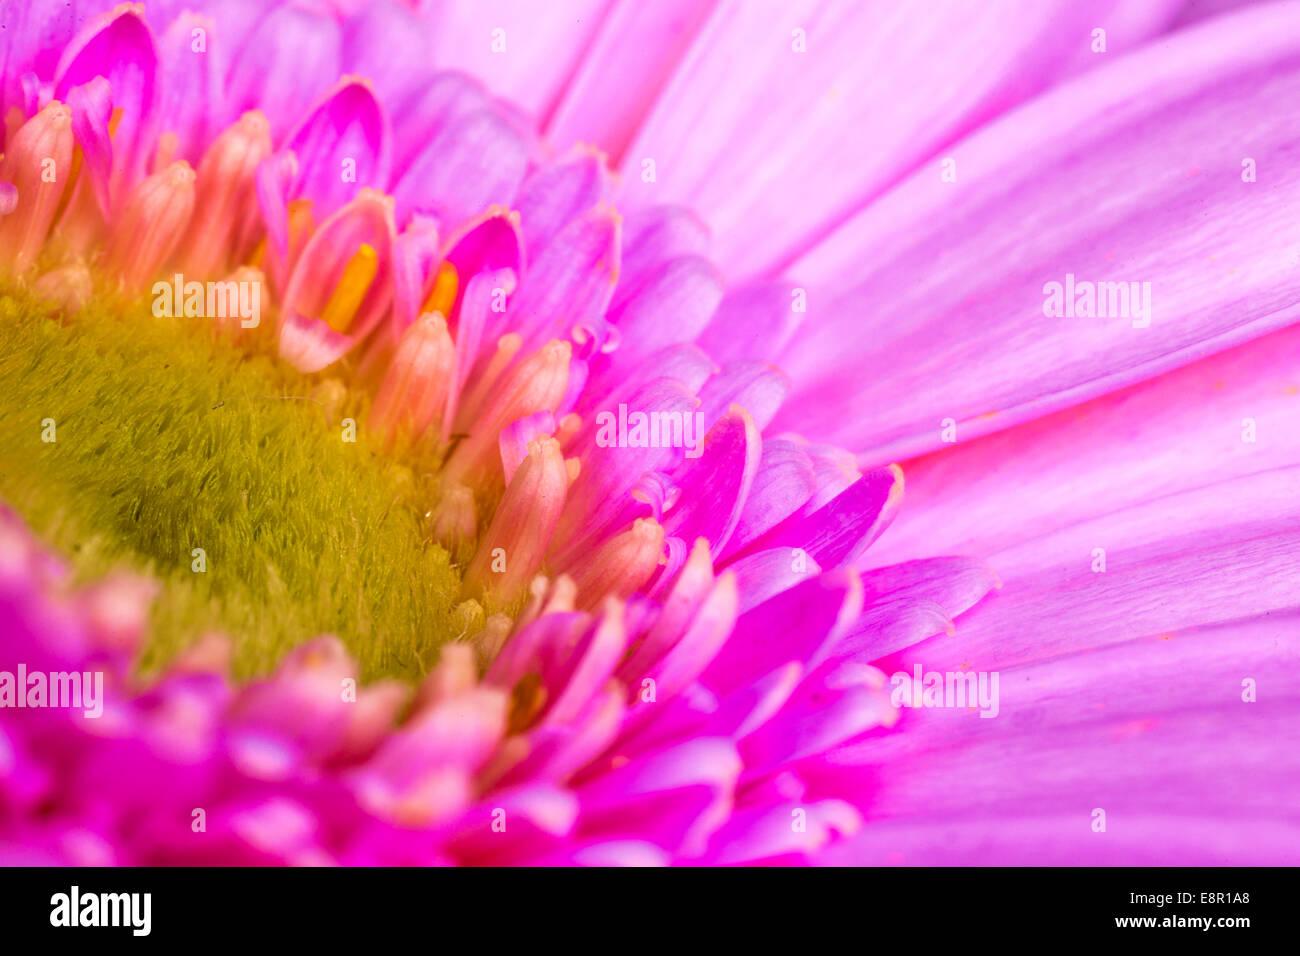 Gerbera L. ist eine Gattung von Zierpflanzen aus der Familie der ...